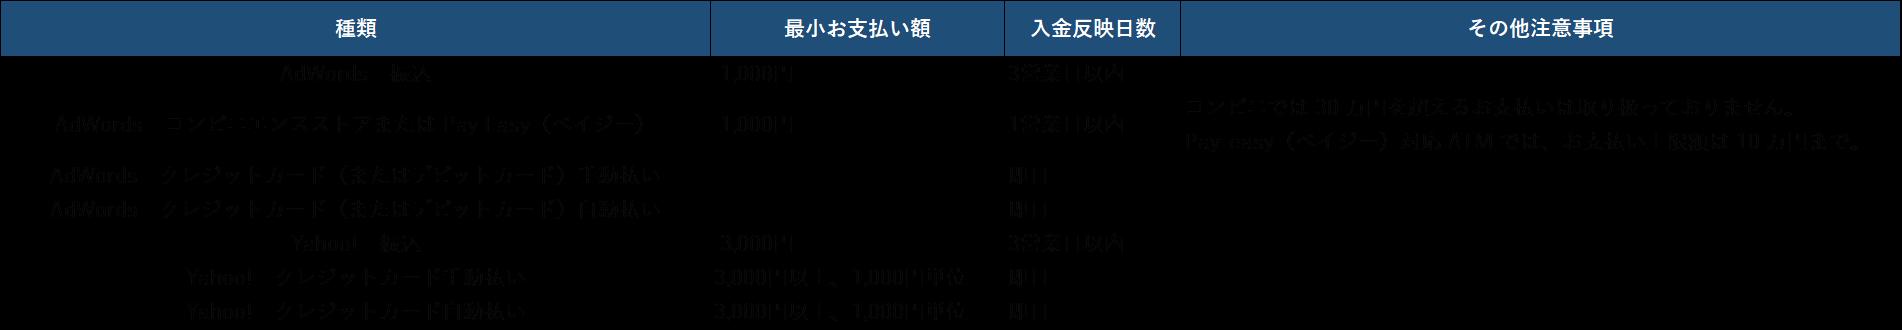 最低入金額とアカウントへの入金反映日数